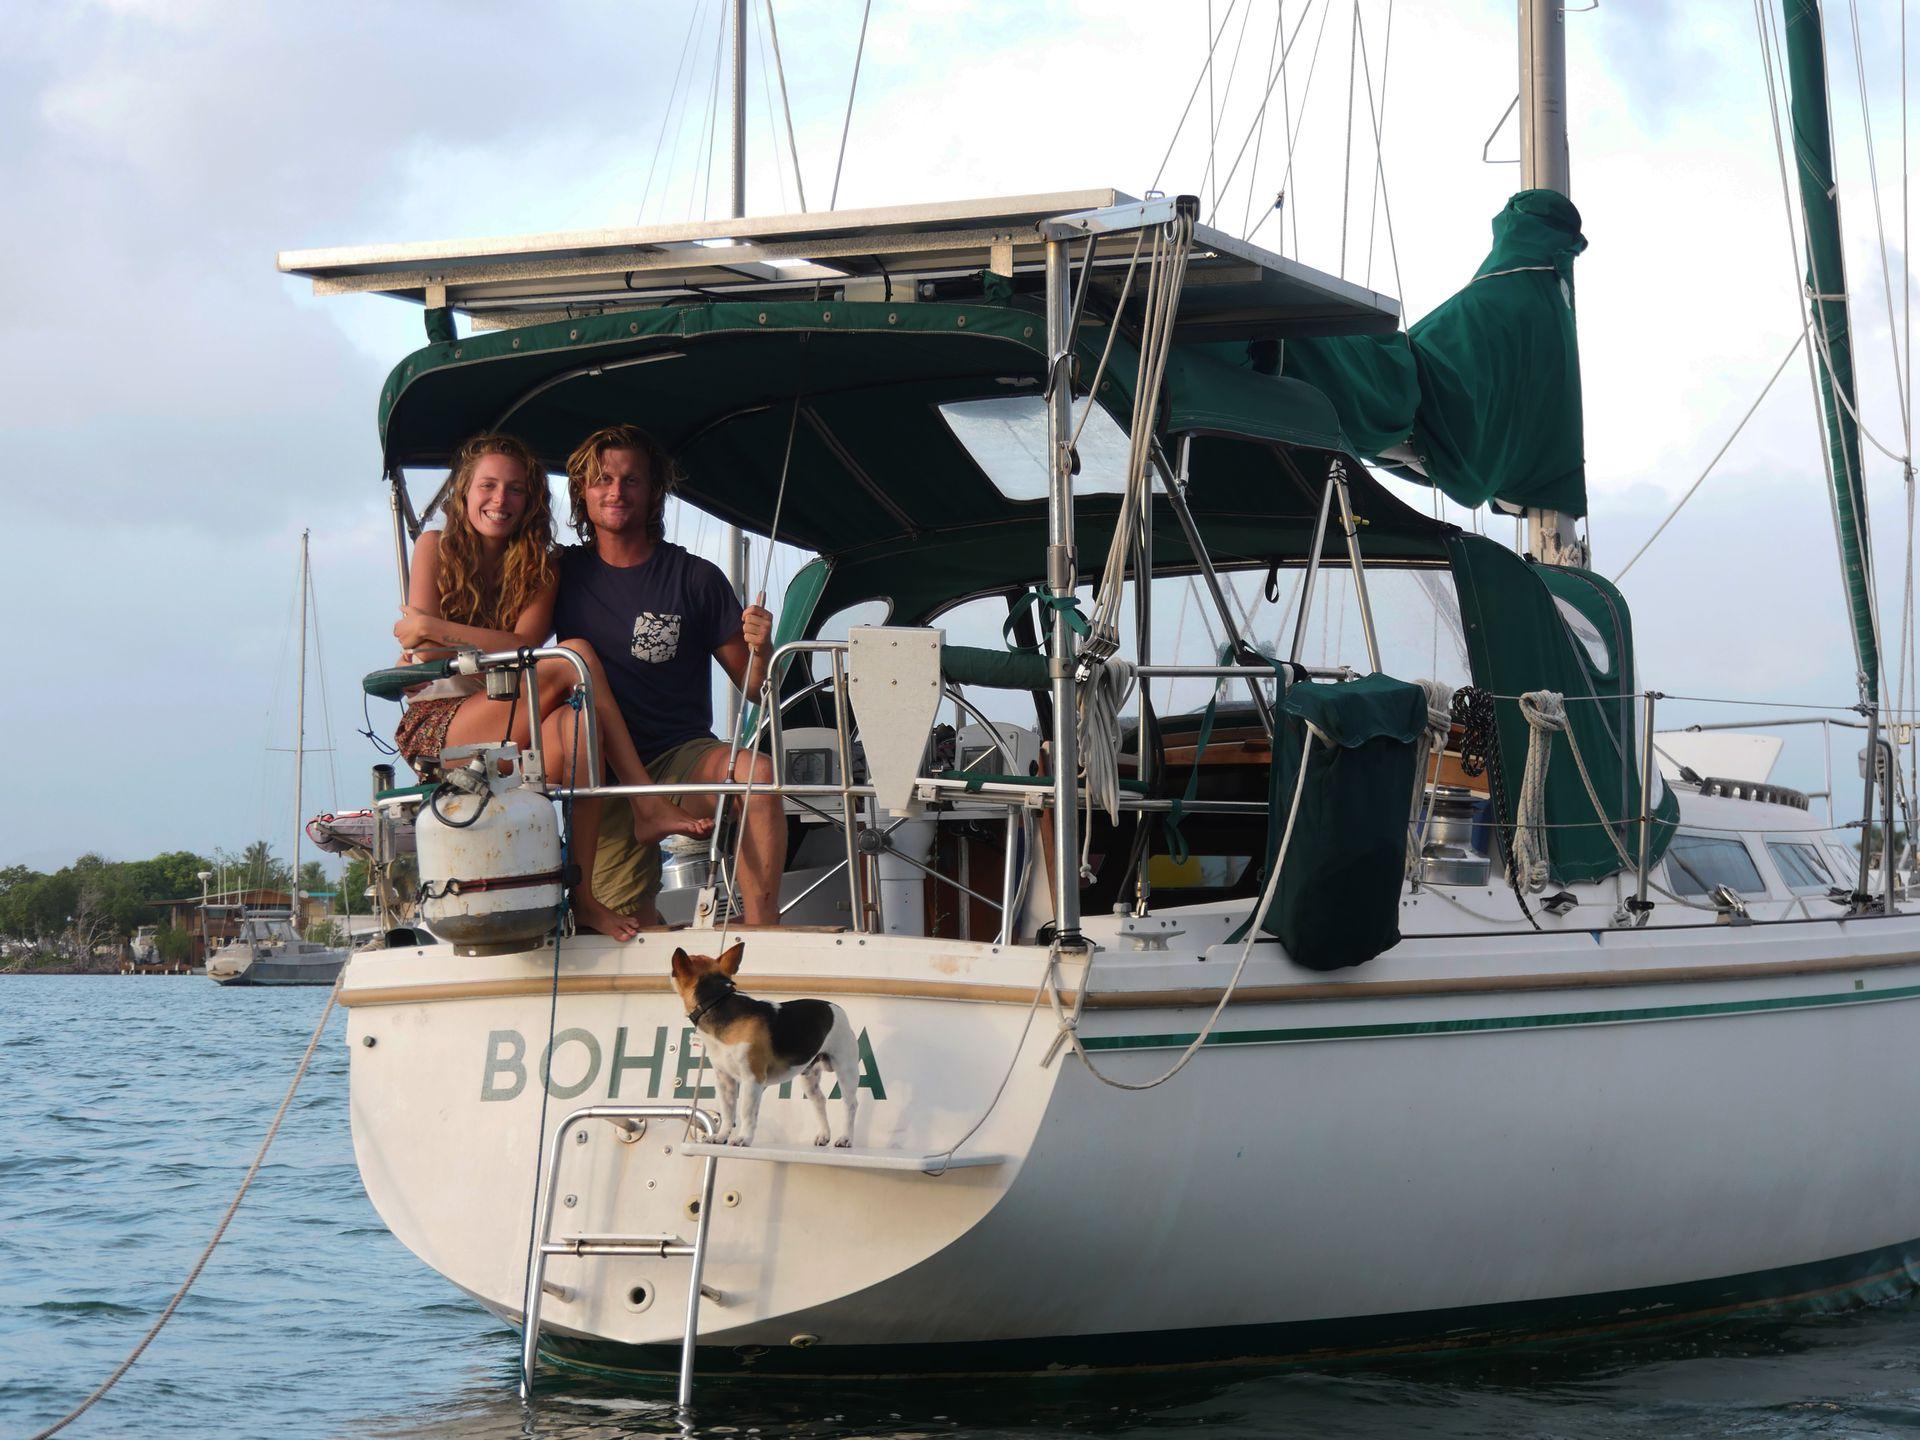 Thomas y Agustina crearon un canal de YouTube que se llama elviajedebohemia, donde cada semana suben un episodio corto de 10 o 15 minutos sobre turismo y navegación, y transmiten algunos conocimientos de náutica